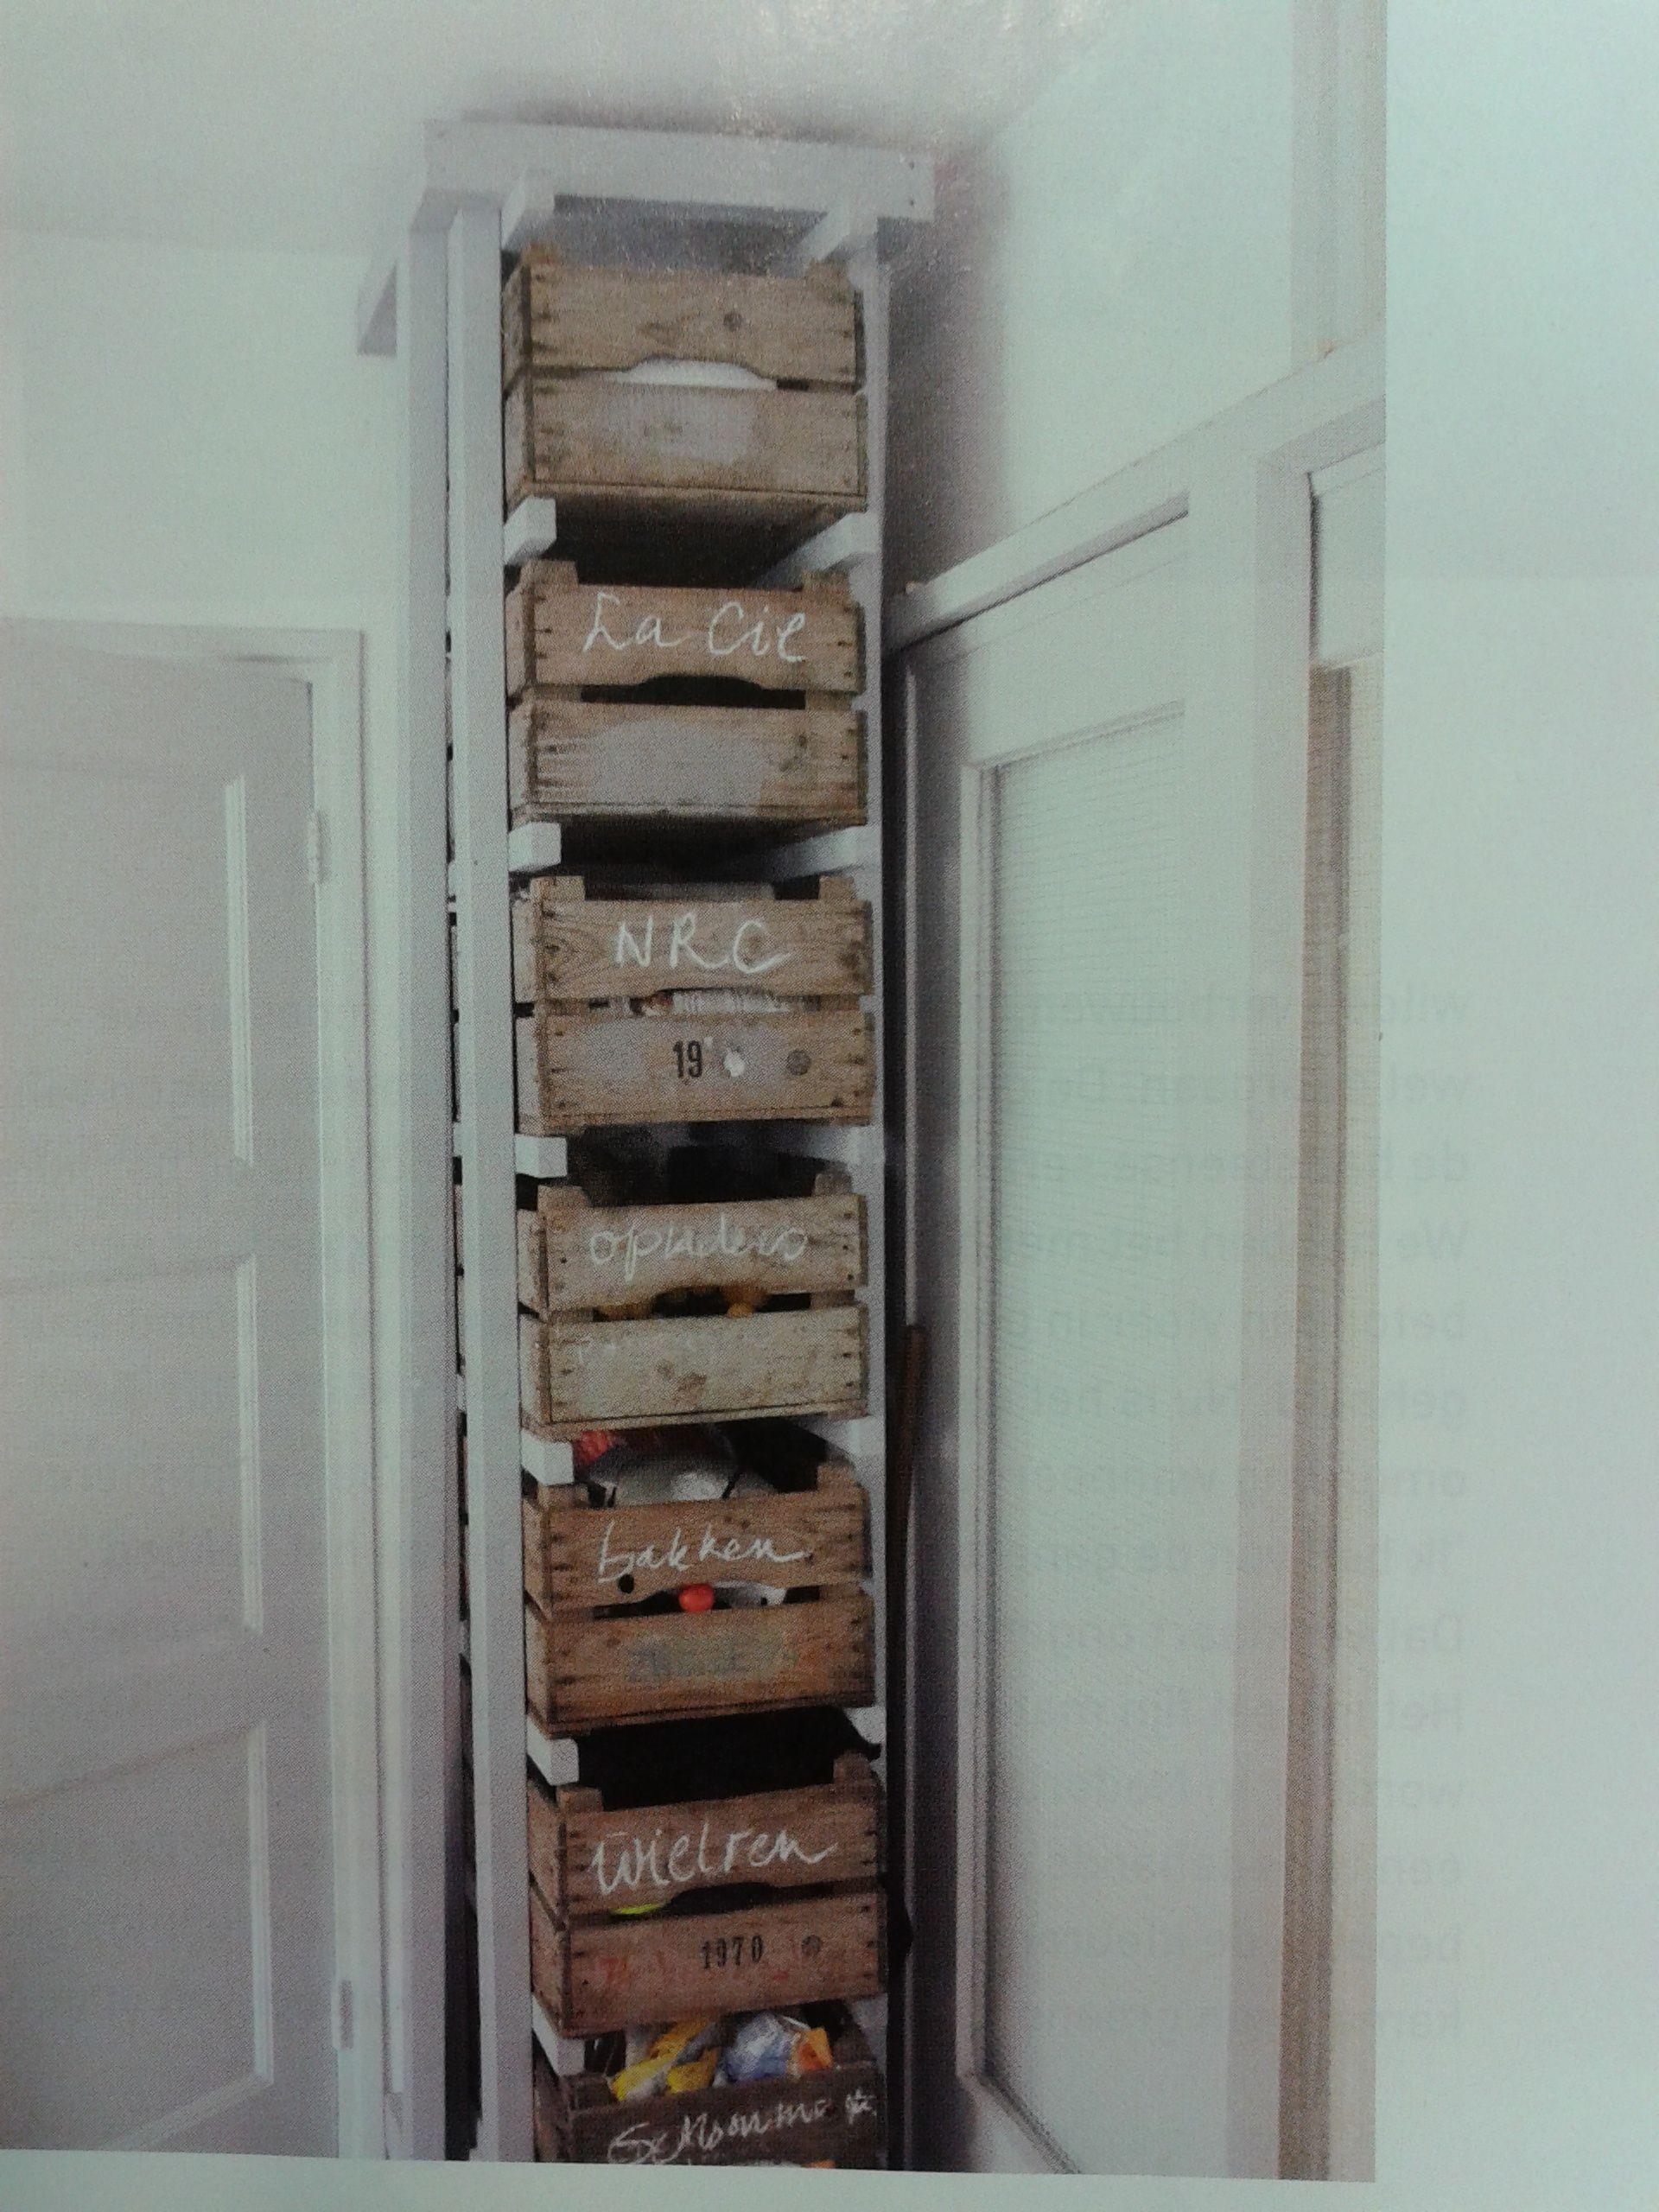 Kistjes Kast Op De Kop Miniatuur Keuken Houten Kratten